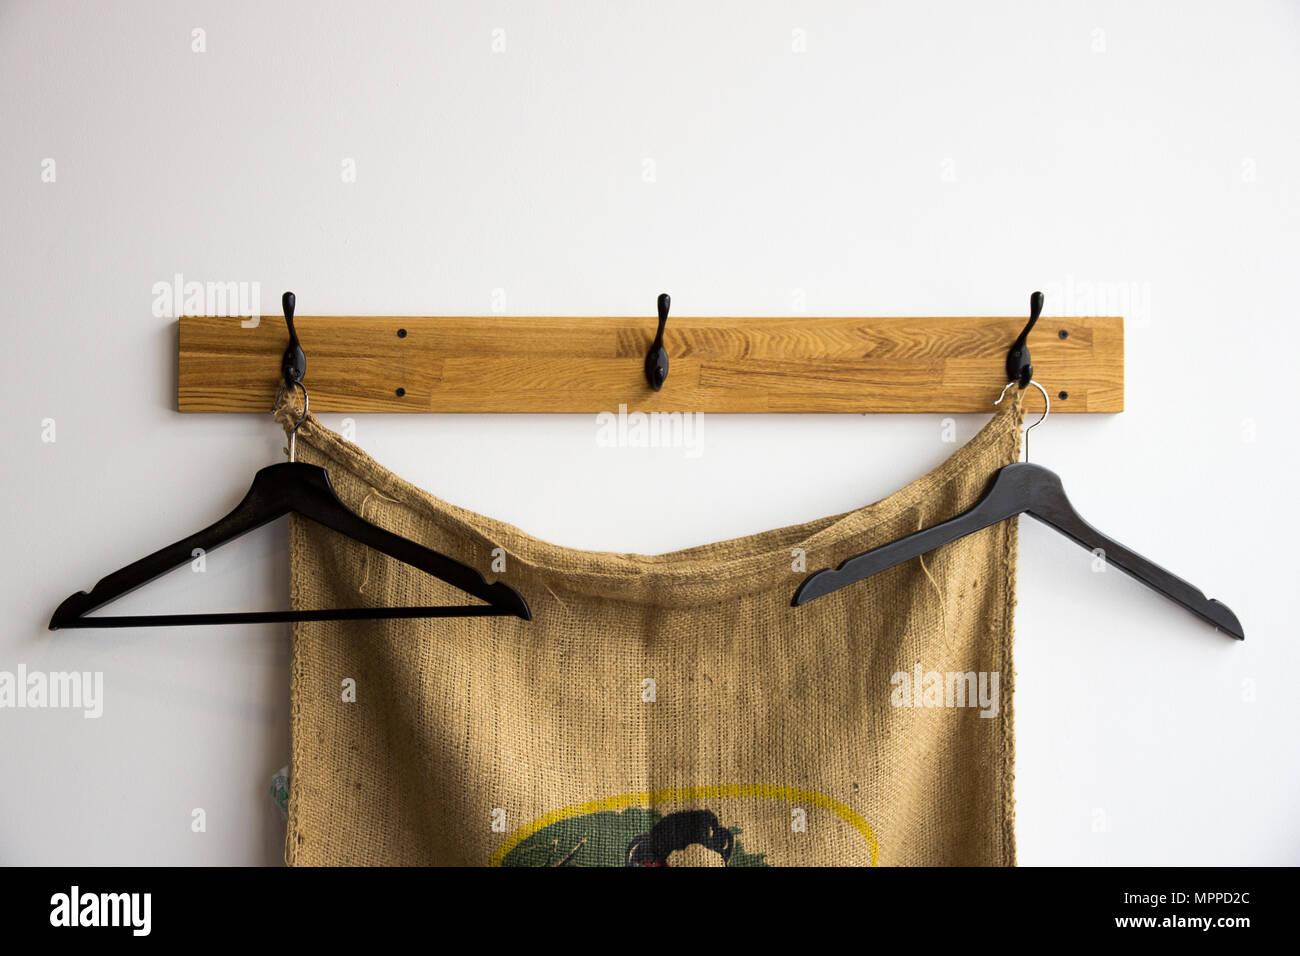 Pour Accrocher Les Vetements accrocher sur des cintres pour les vêtements contre le